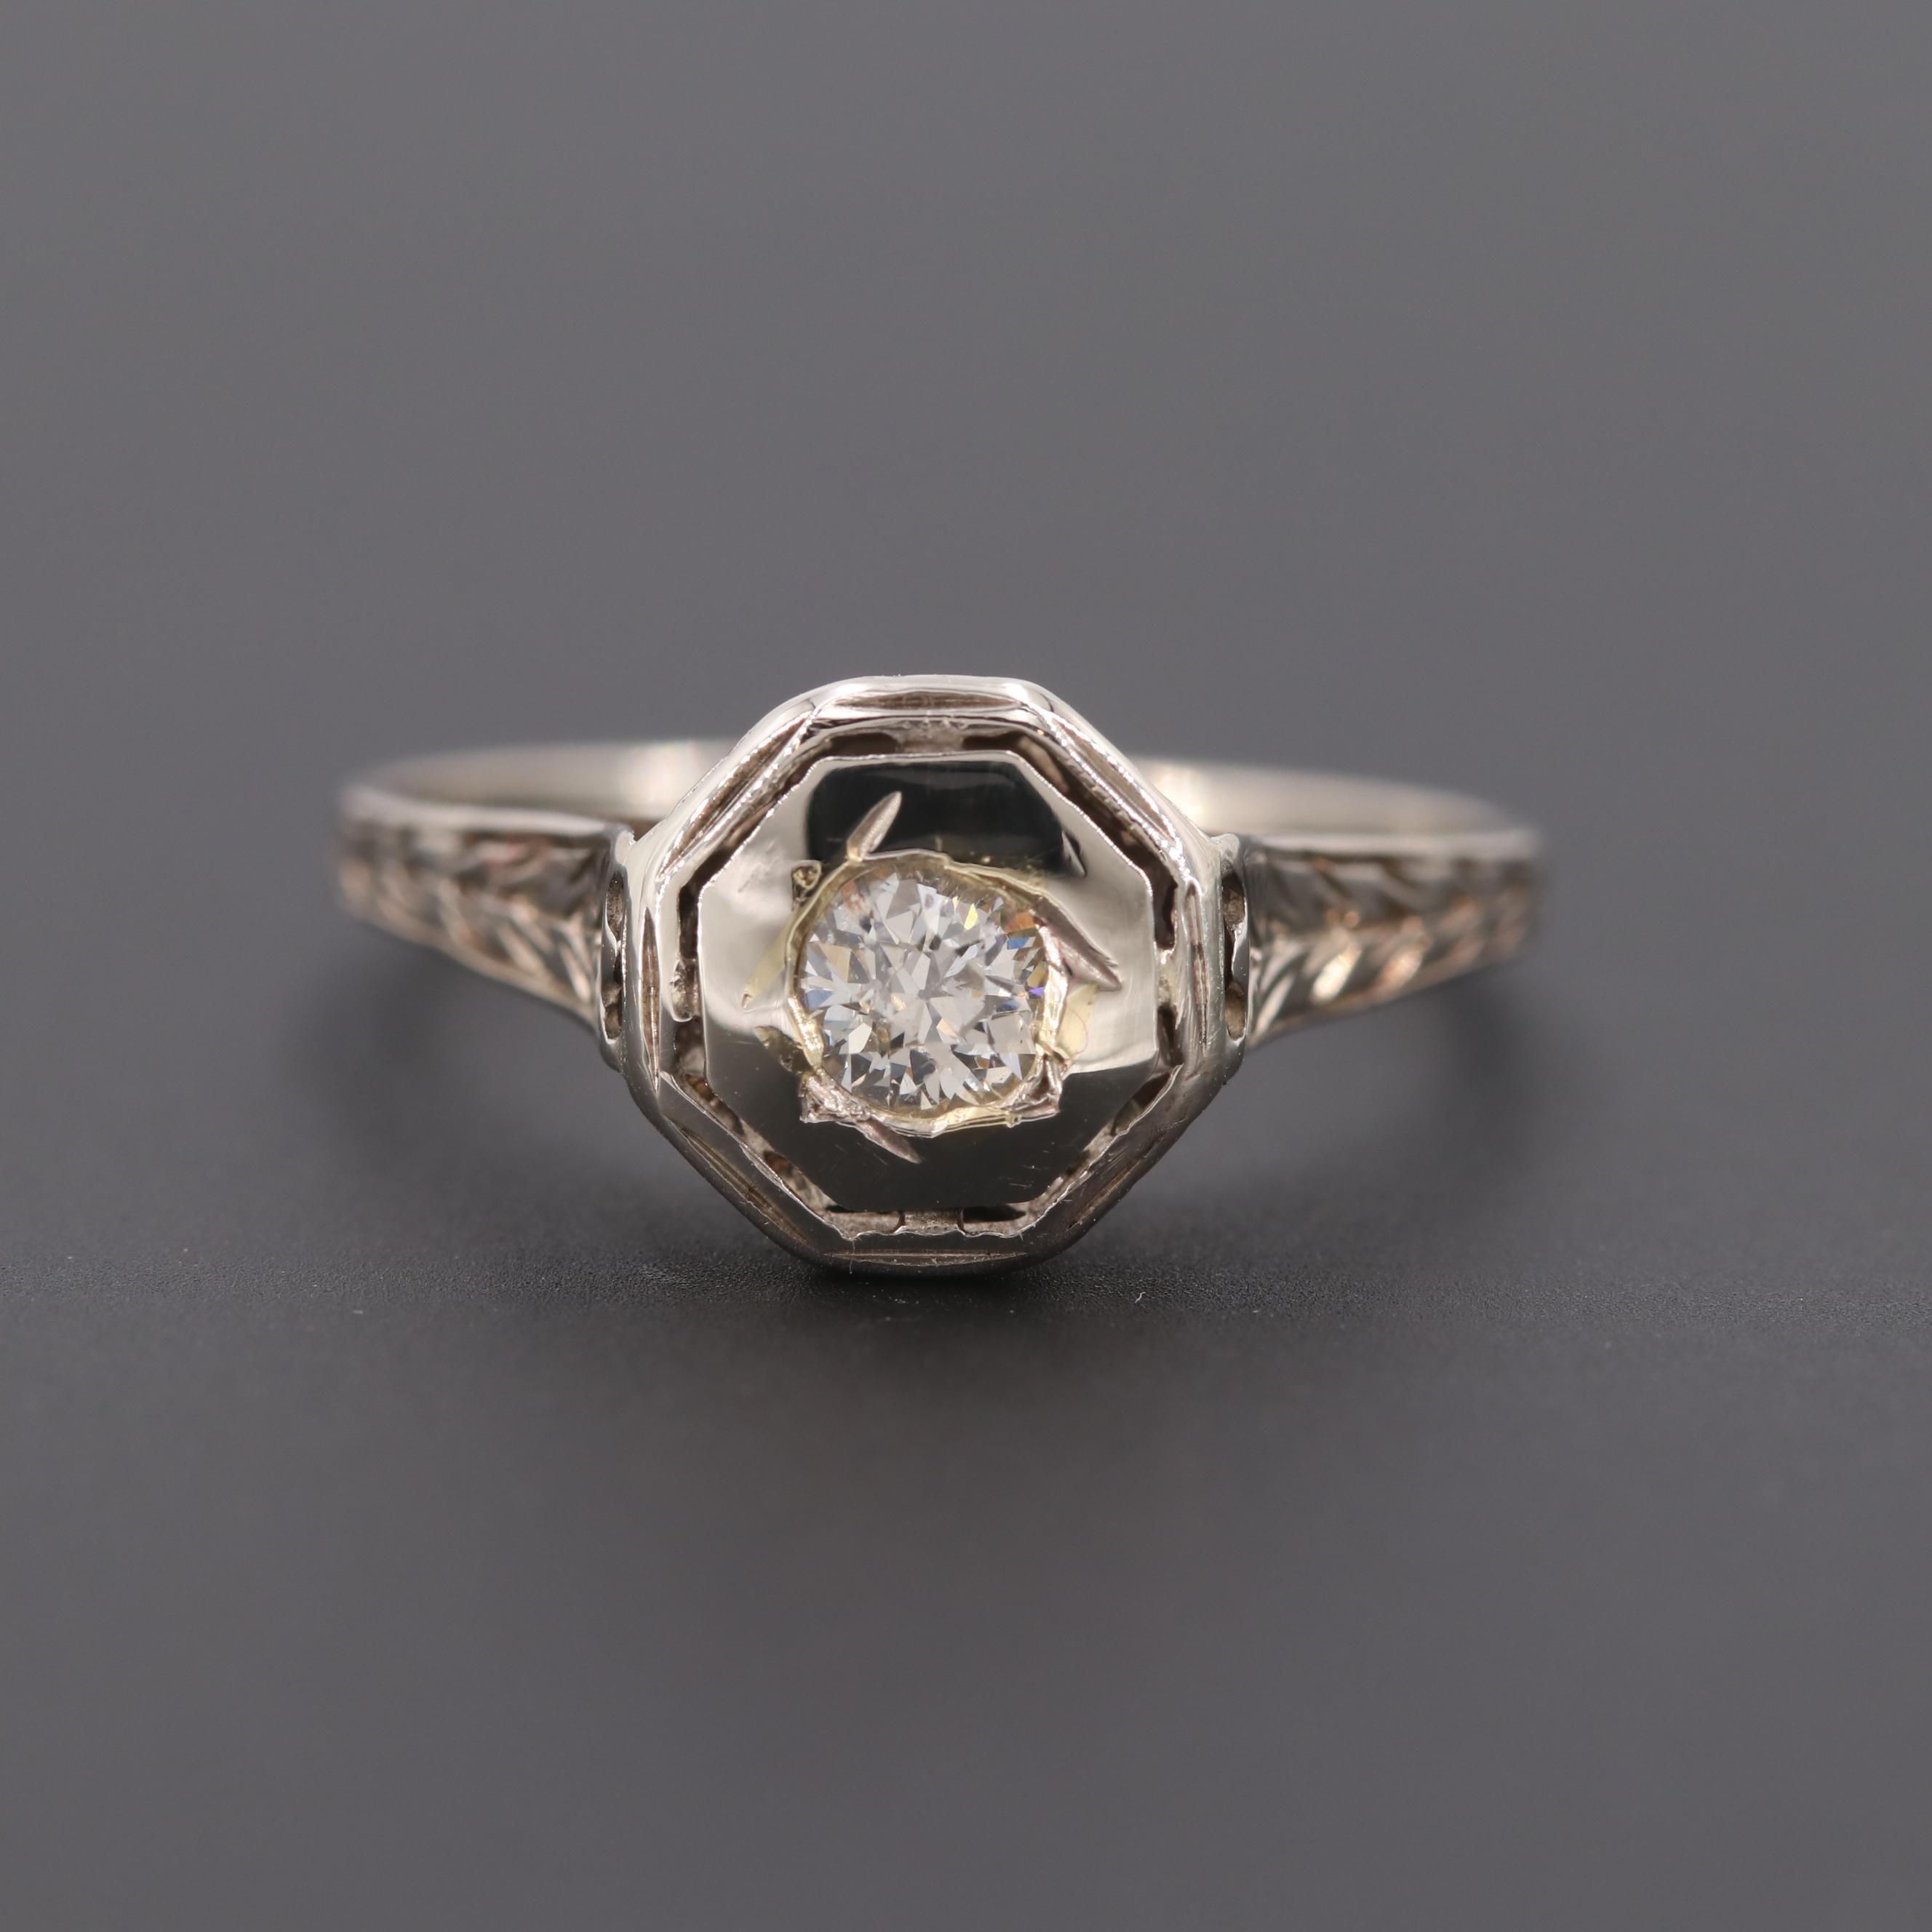 Circa 1930s 14K White Gold Diamond Ring